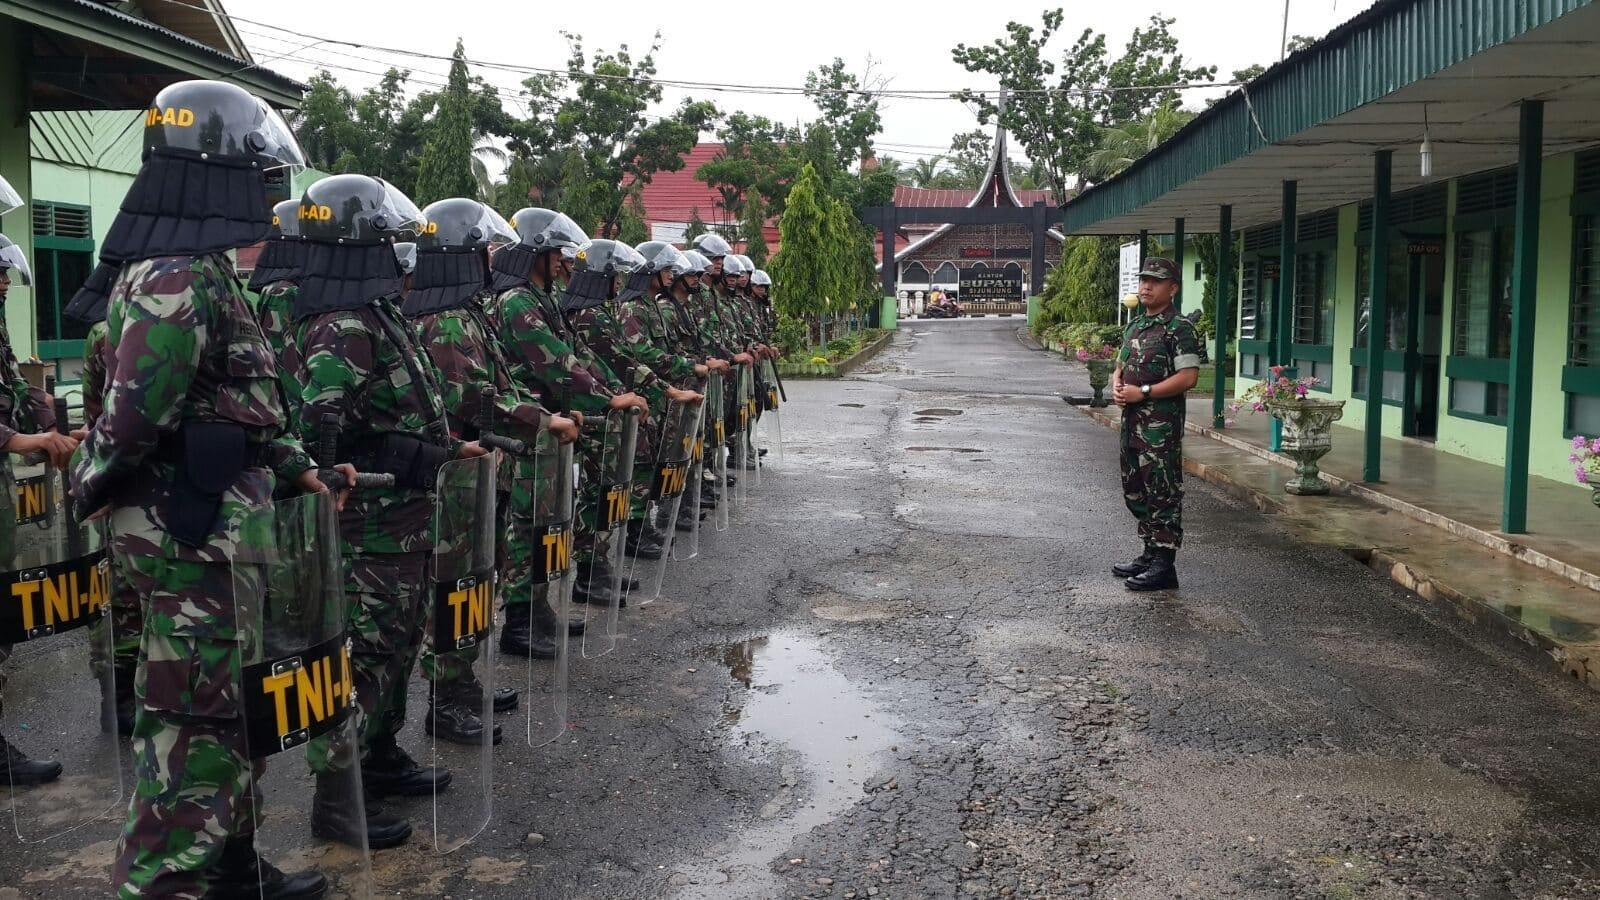 Kodim 0310/Ssd Insert Pasukan Pam Pilkada di Sejumlah Wilayah